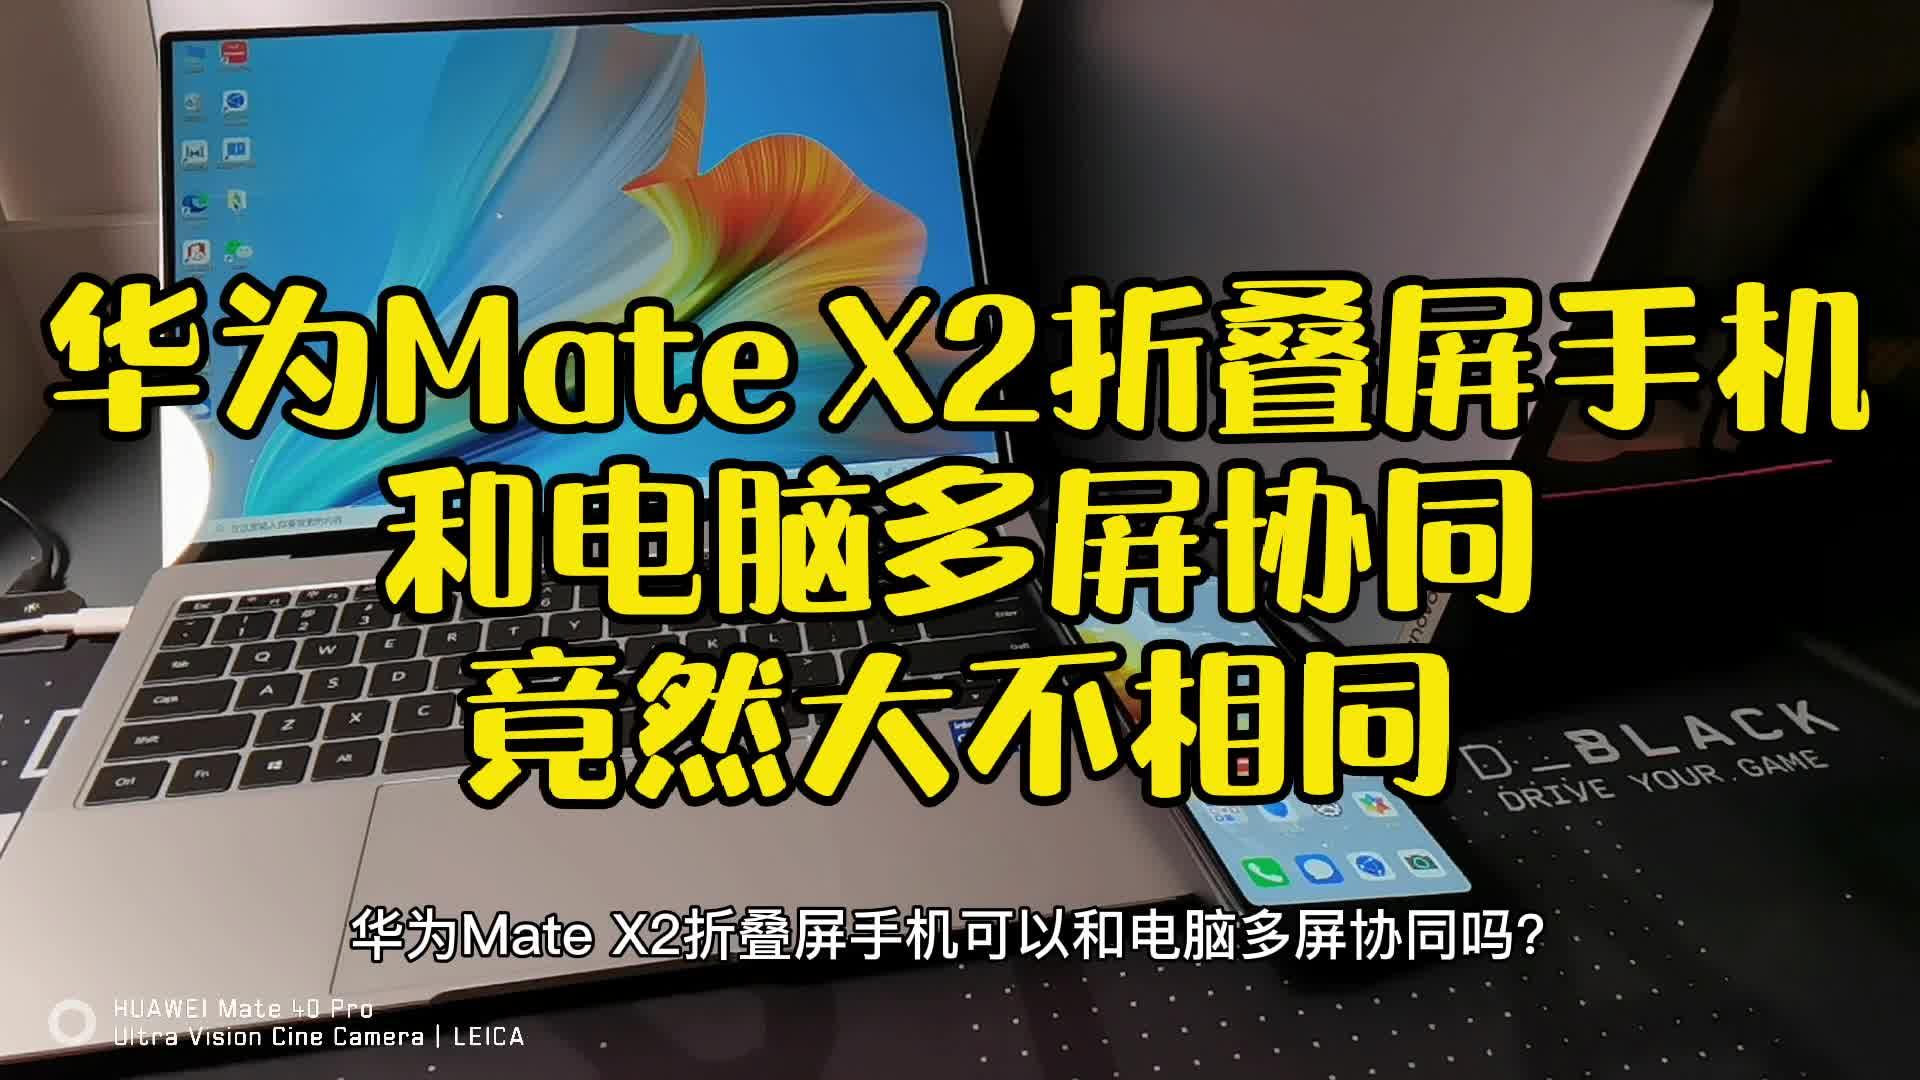 华为Mate X2折叠屏手机和电脑多屏协同是什么样子呢?竟然,华为Mate系列-花粉俱乐部